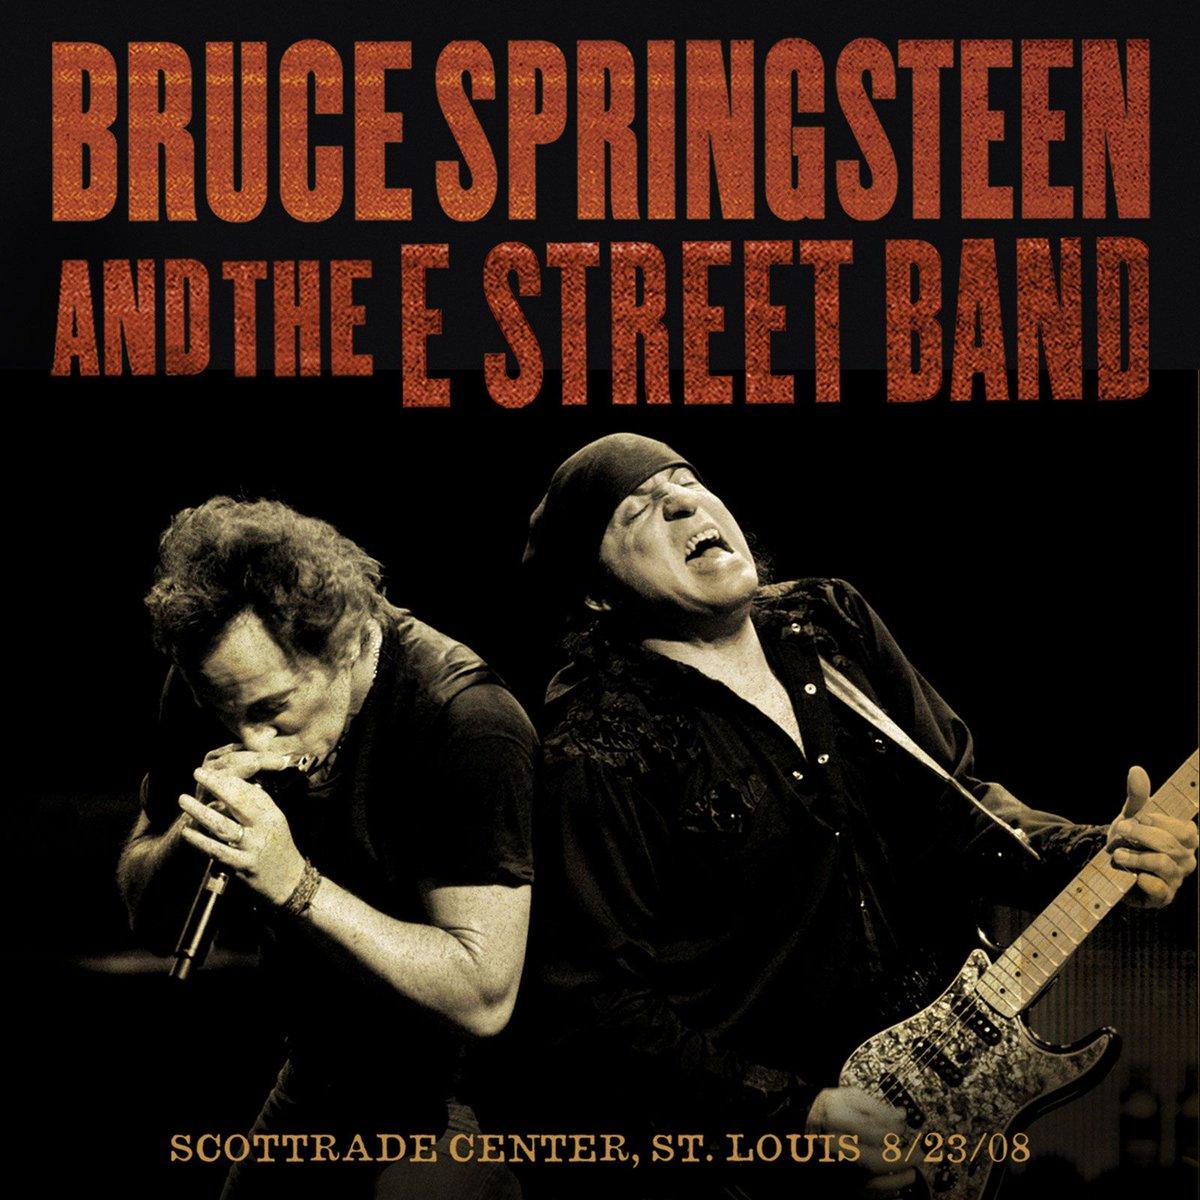 Bruce Springsteen on Twitter: